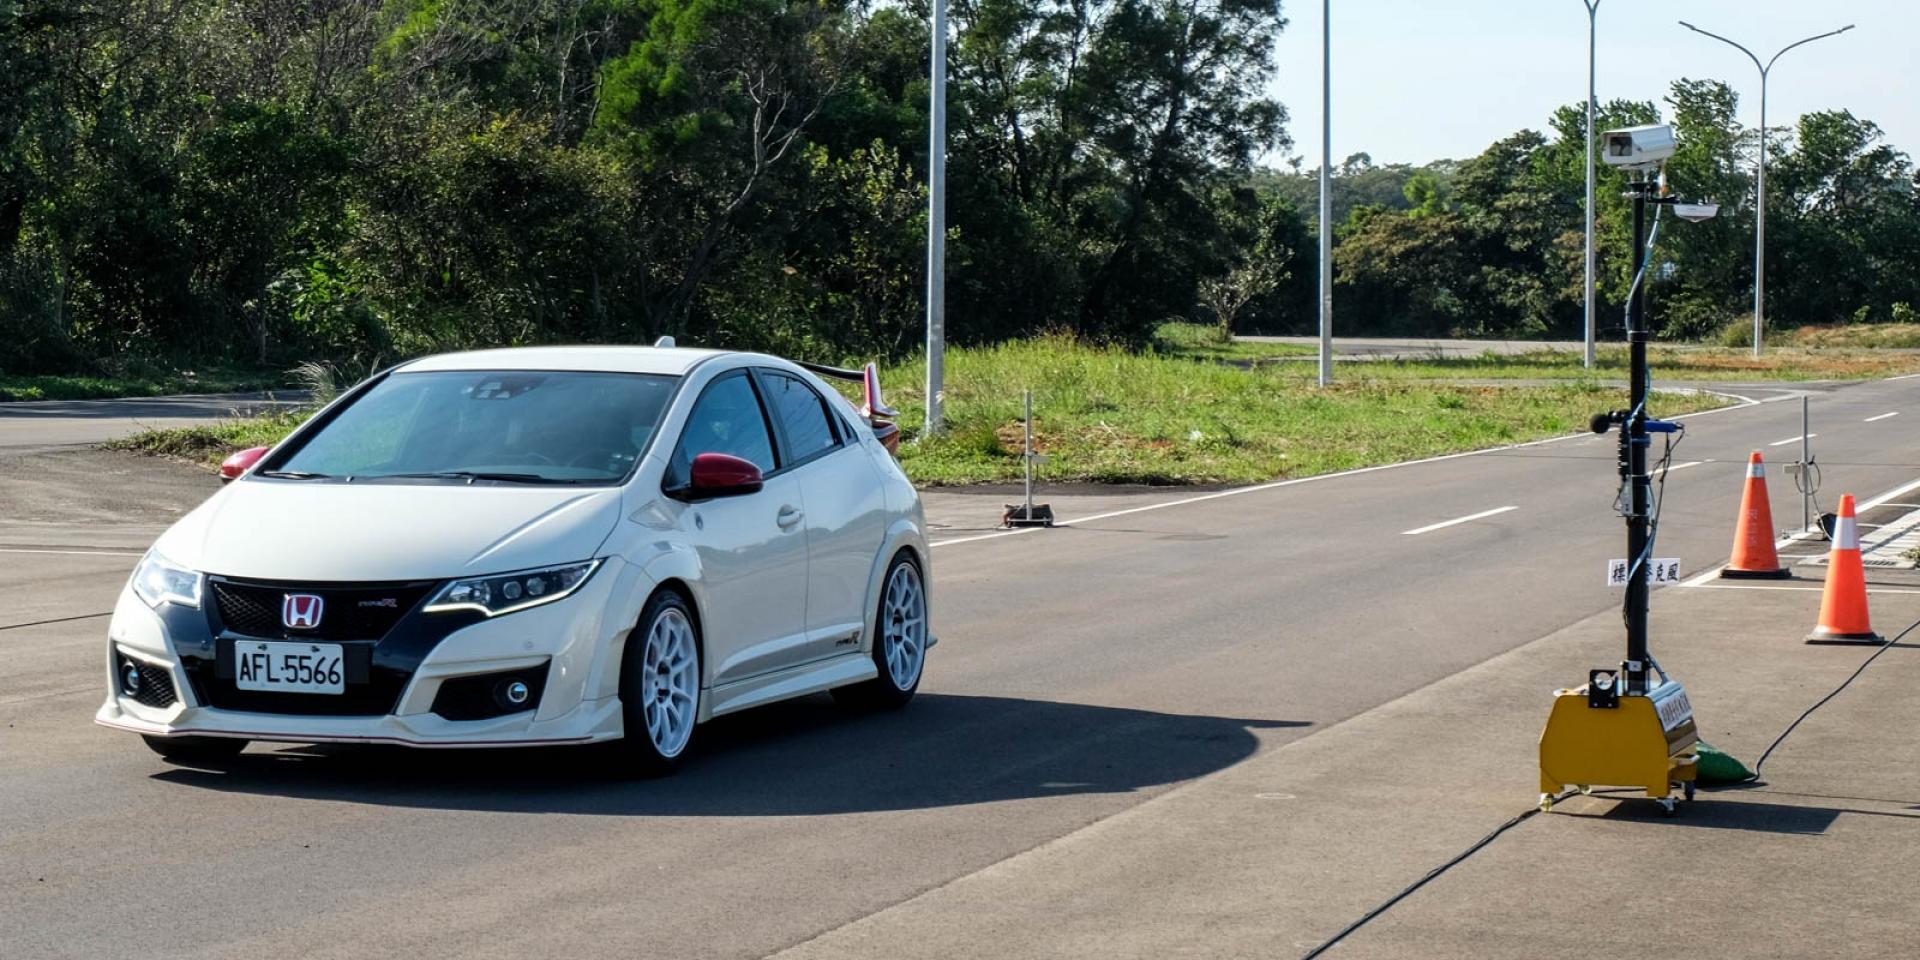 噪音科技執法明年元旦上路,現場實測「改裝車不等於噪音車,全原廠不代表不超標」